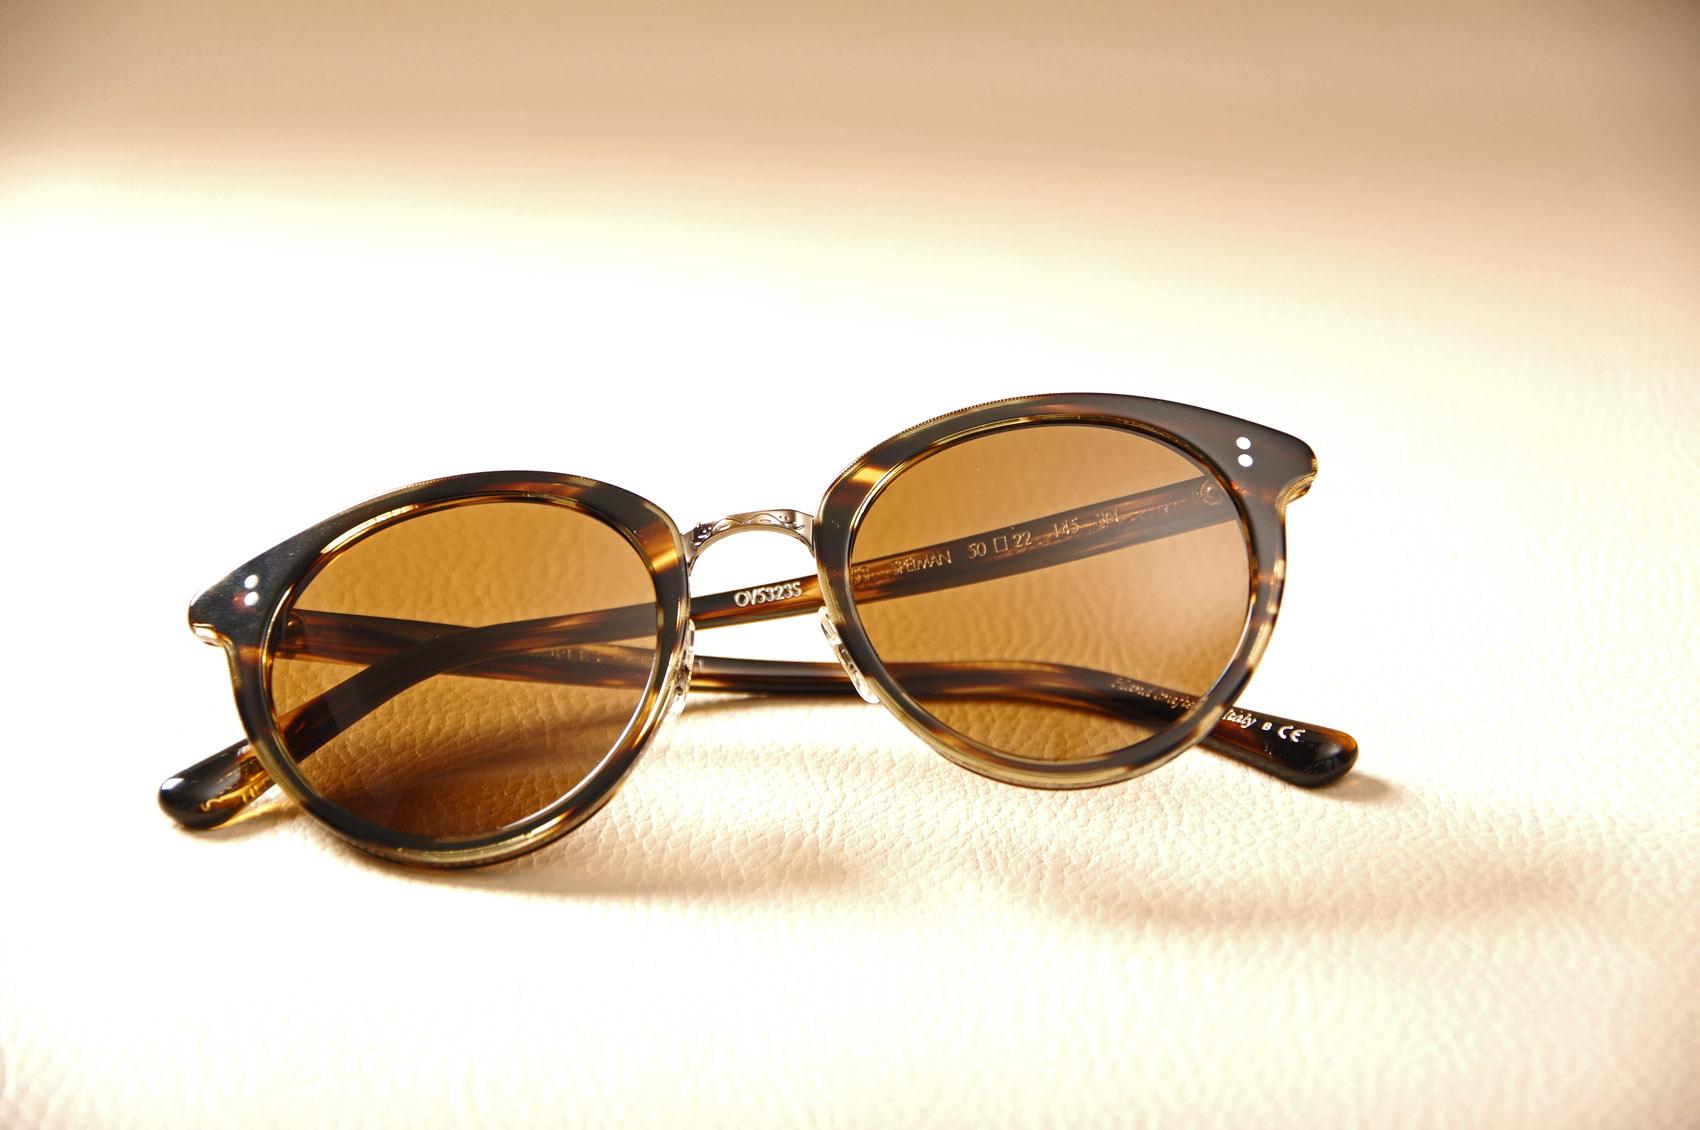 acee6e585a Lunettes de soleil pour femme Oliver Peoples modèle SPELMAN. Retour.  Essayer des lunettes originales au Havre 76 ...